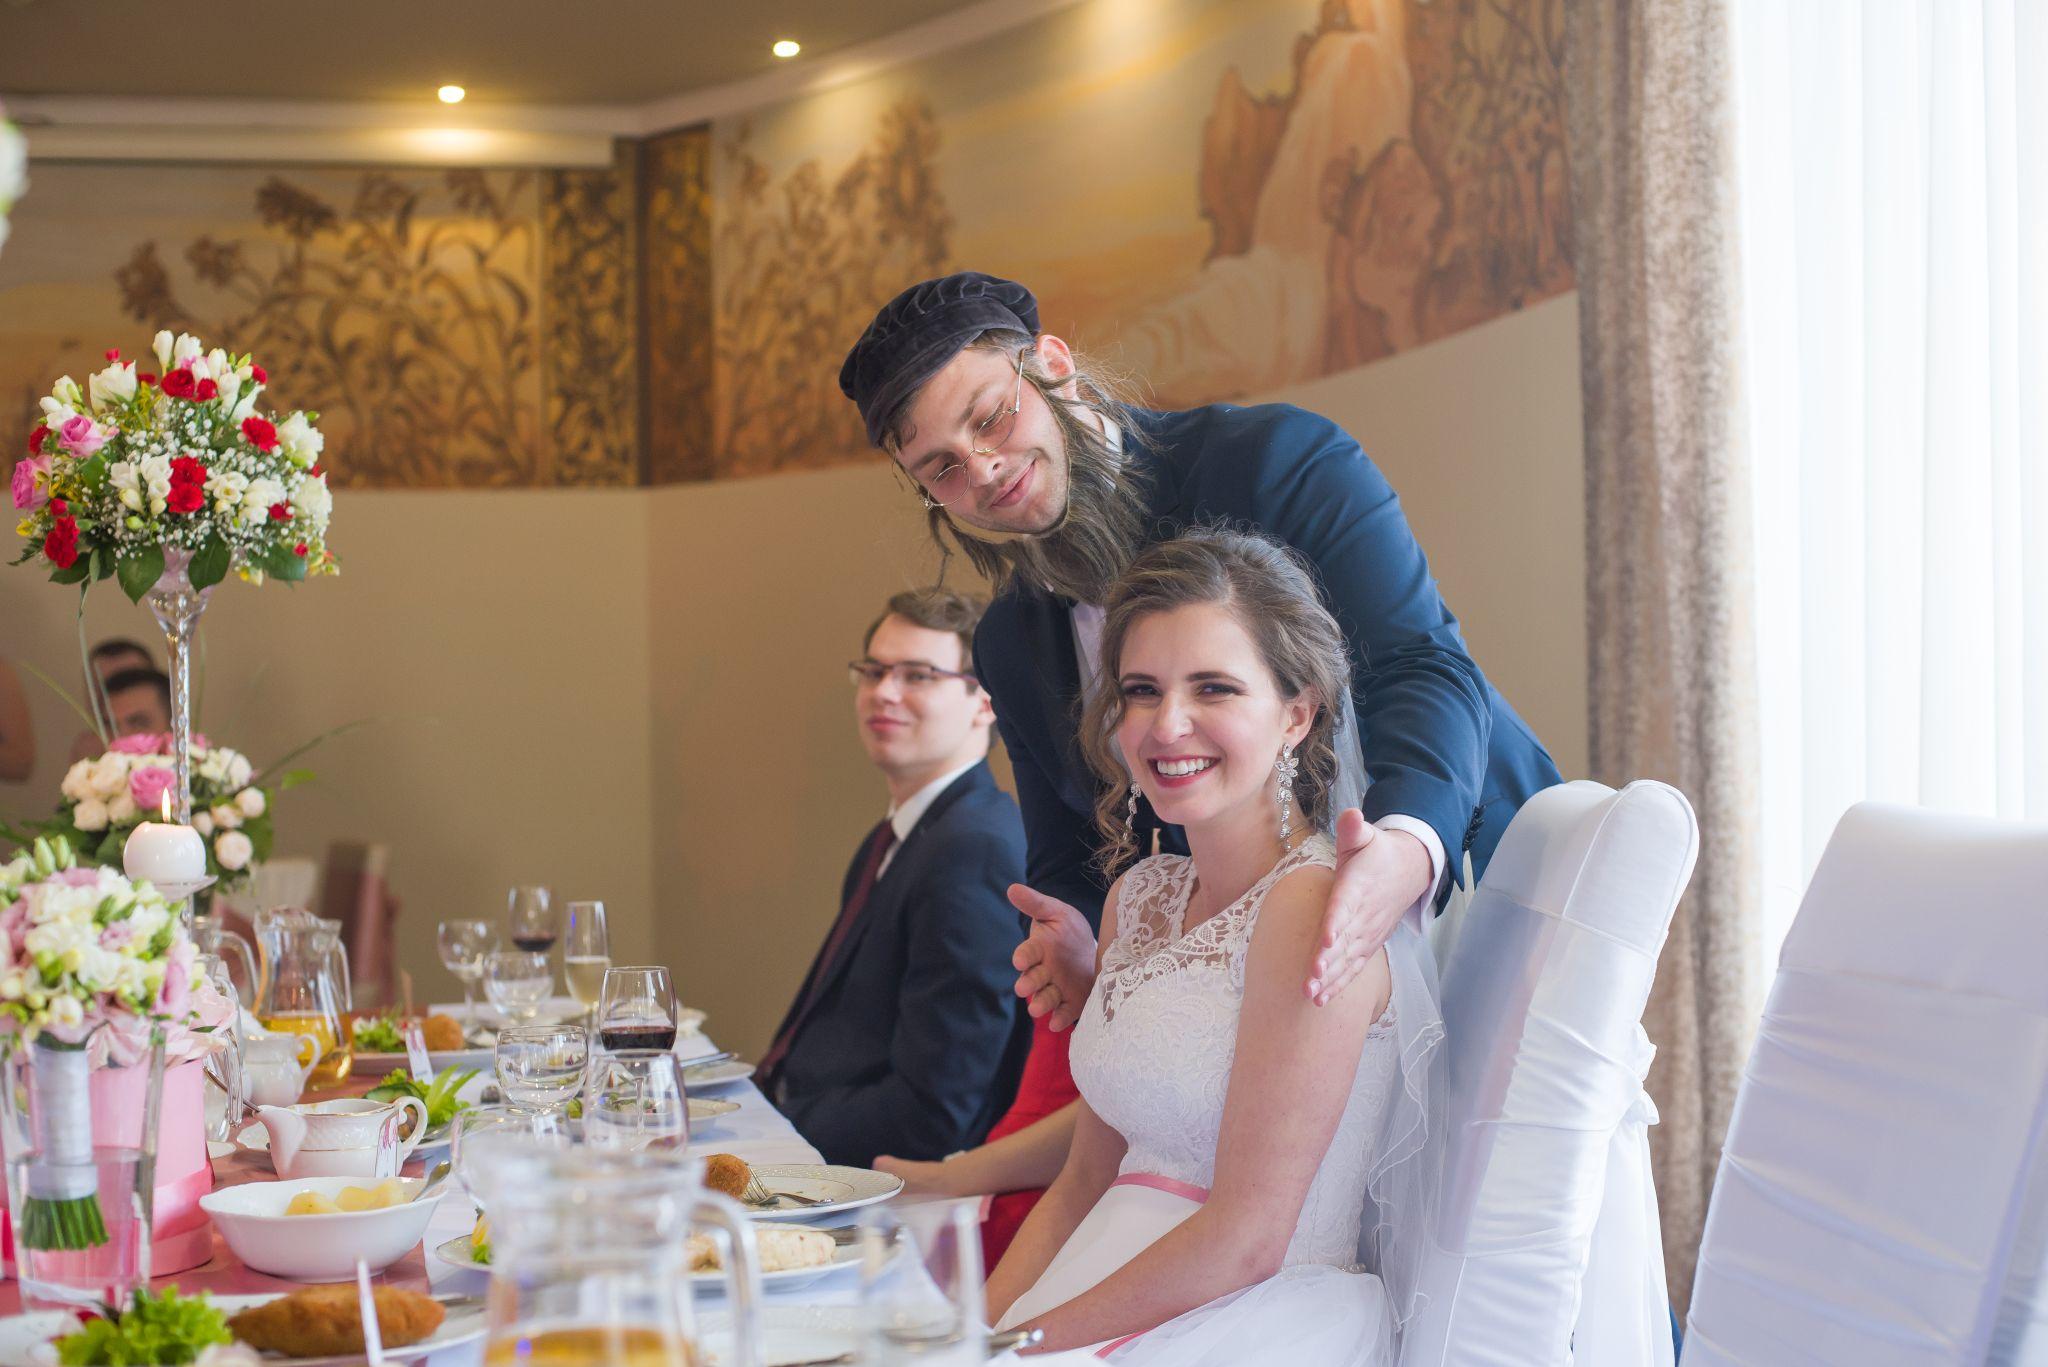 zabawy w trakcie wesela fotografie ślubne